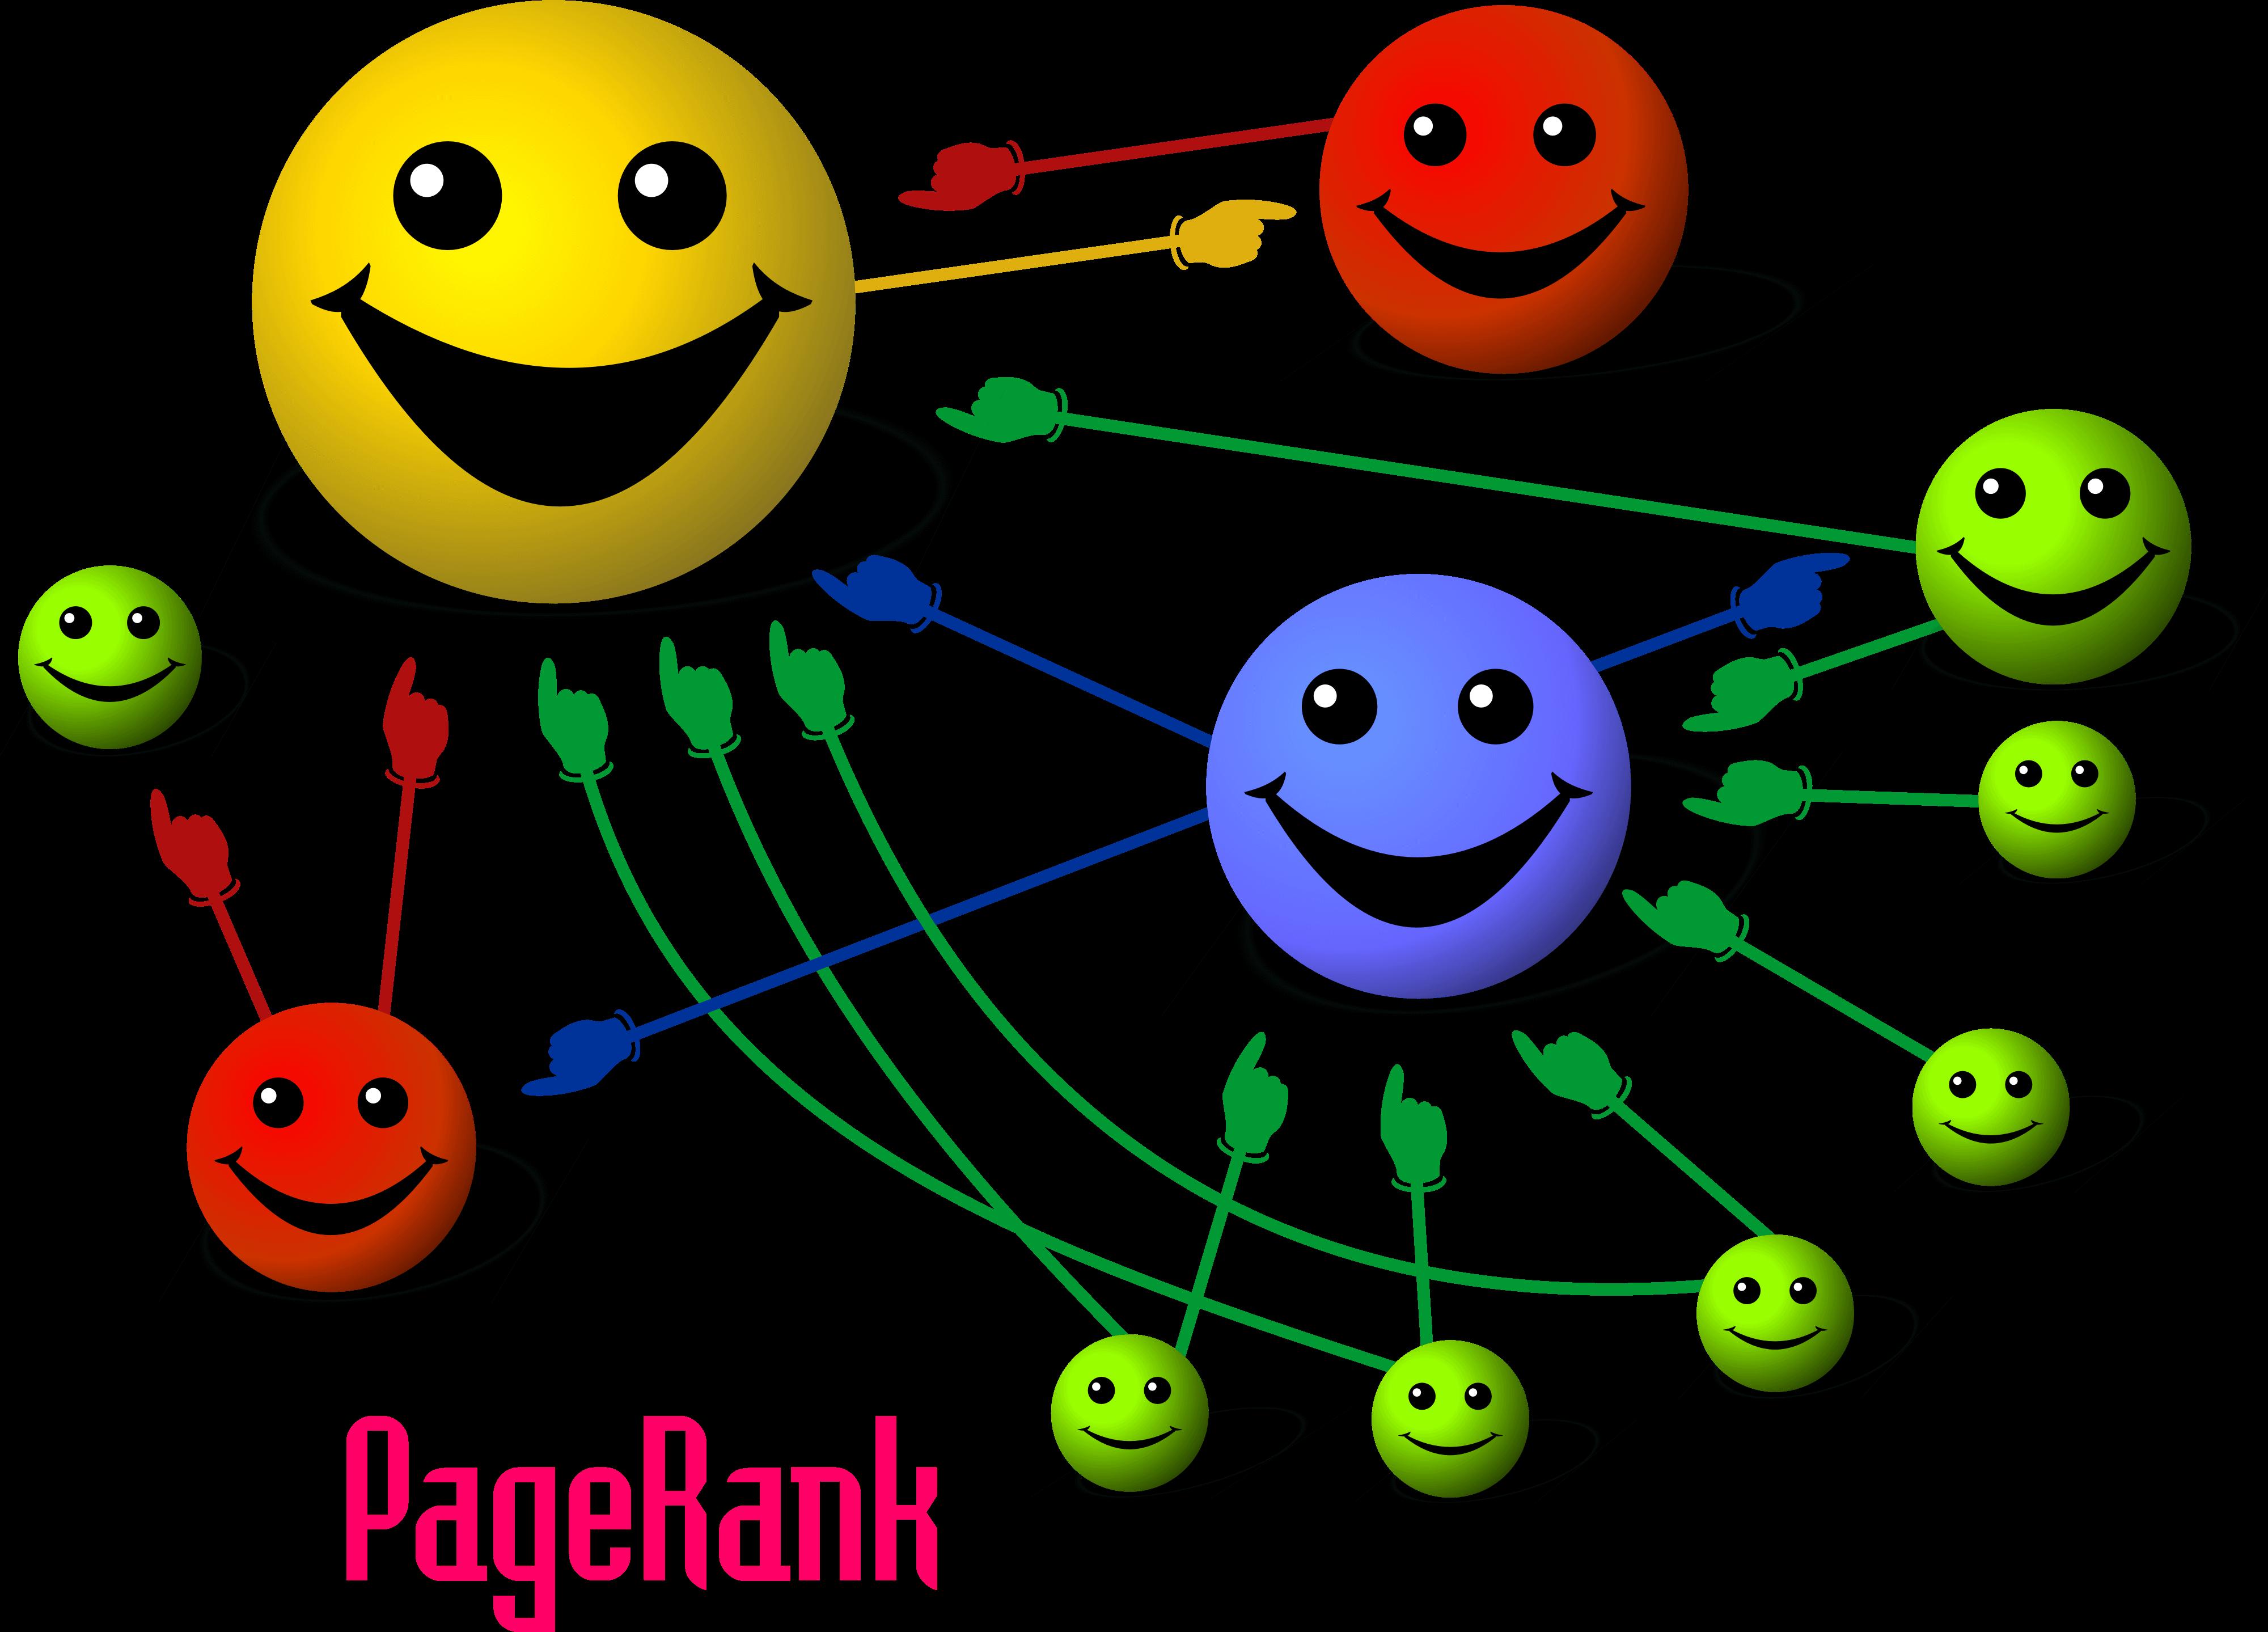 principio básico en Pagerank